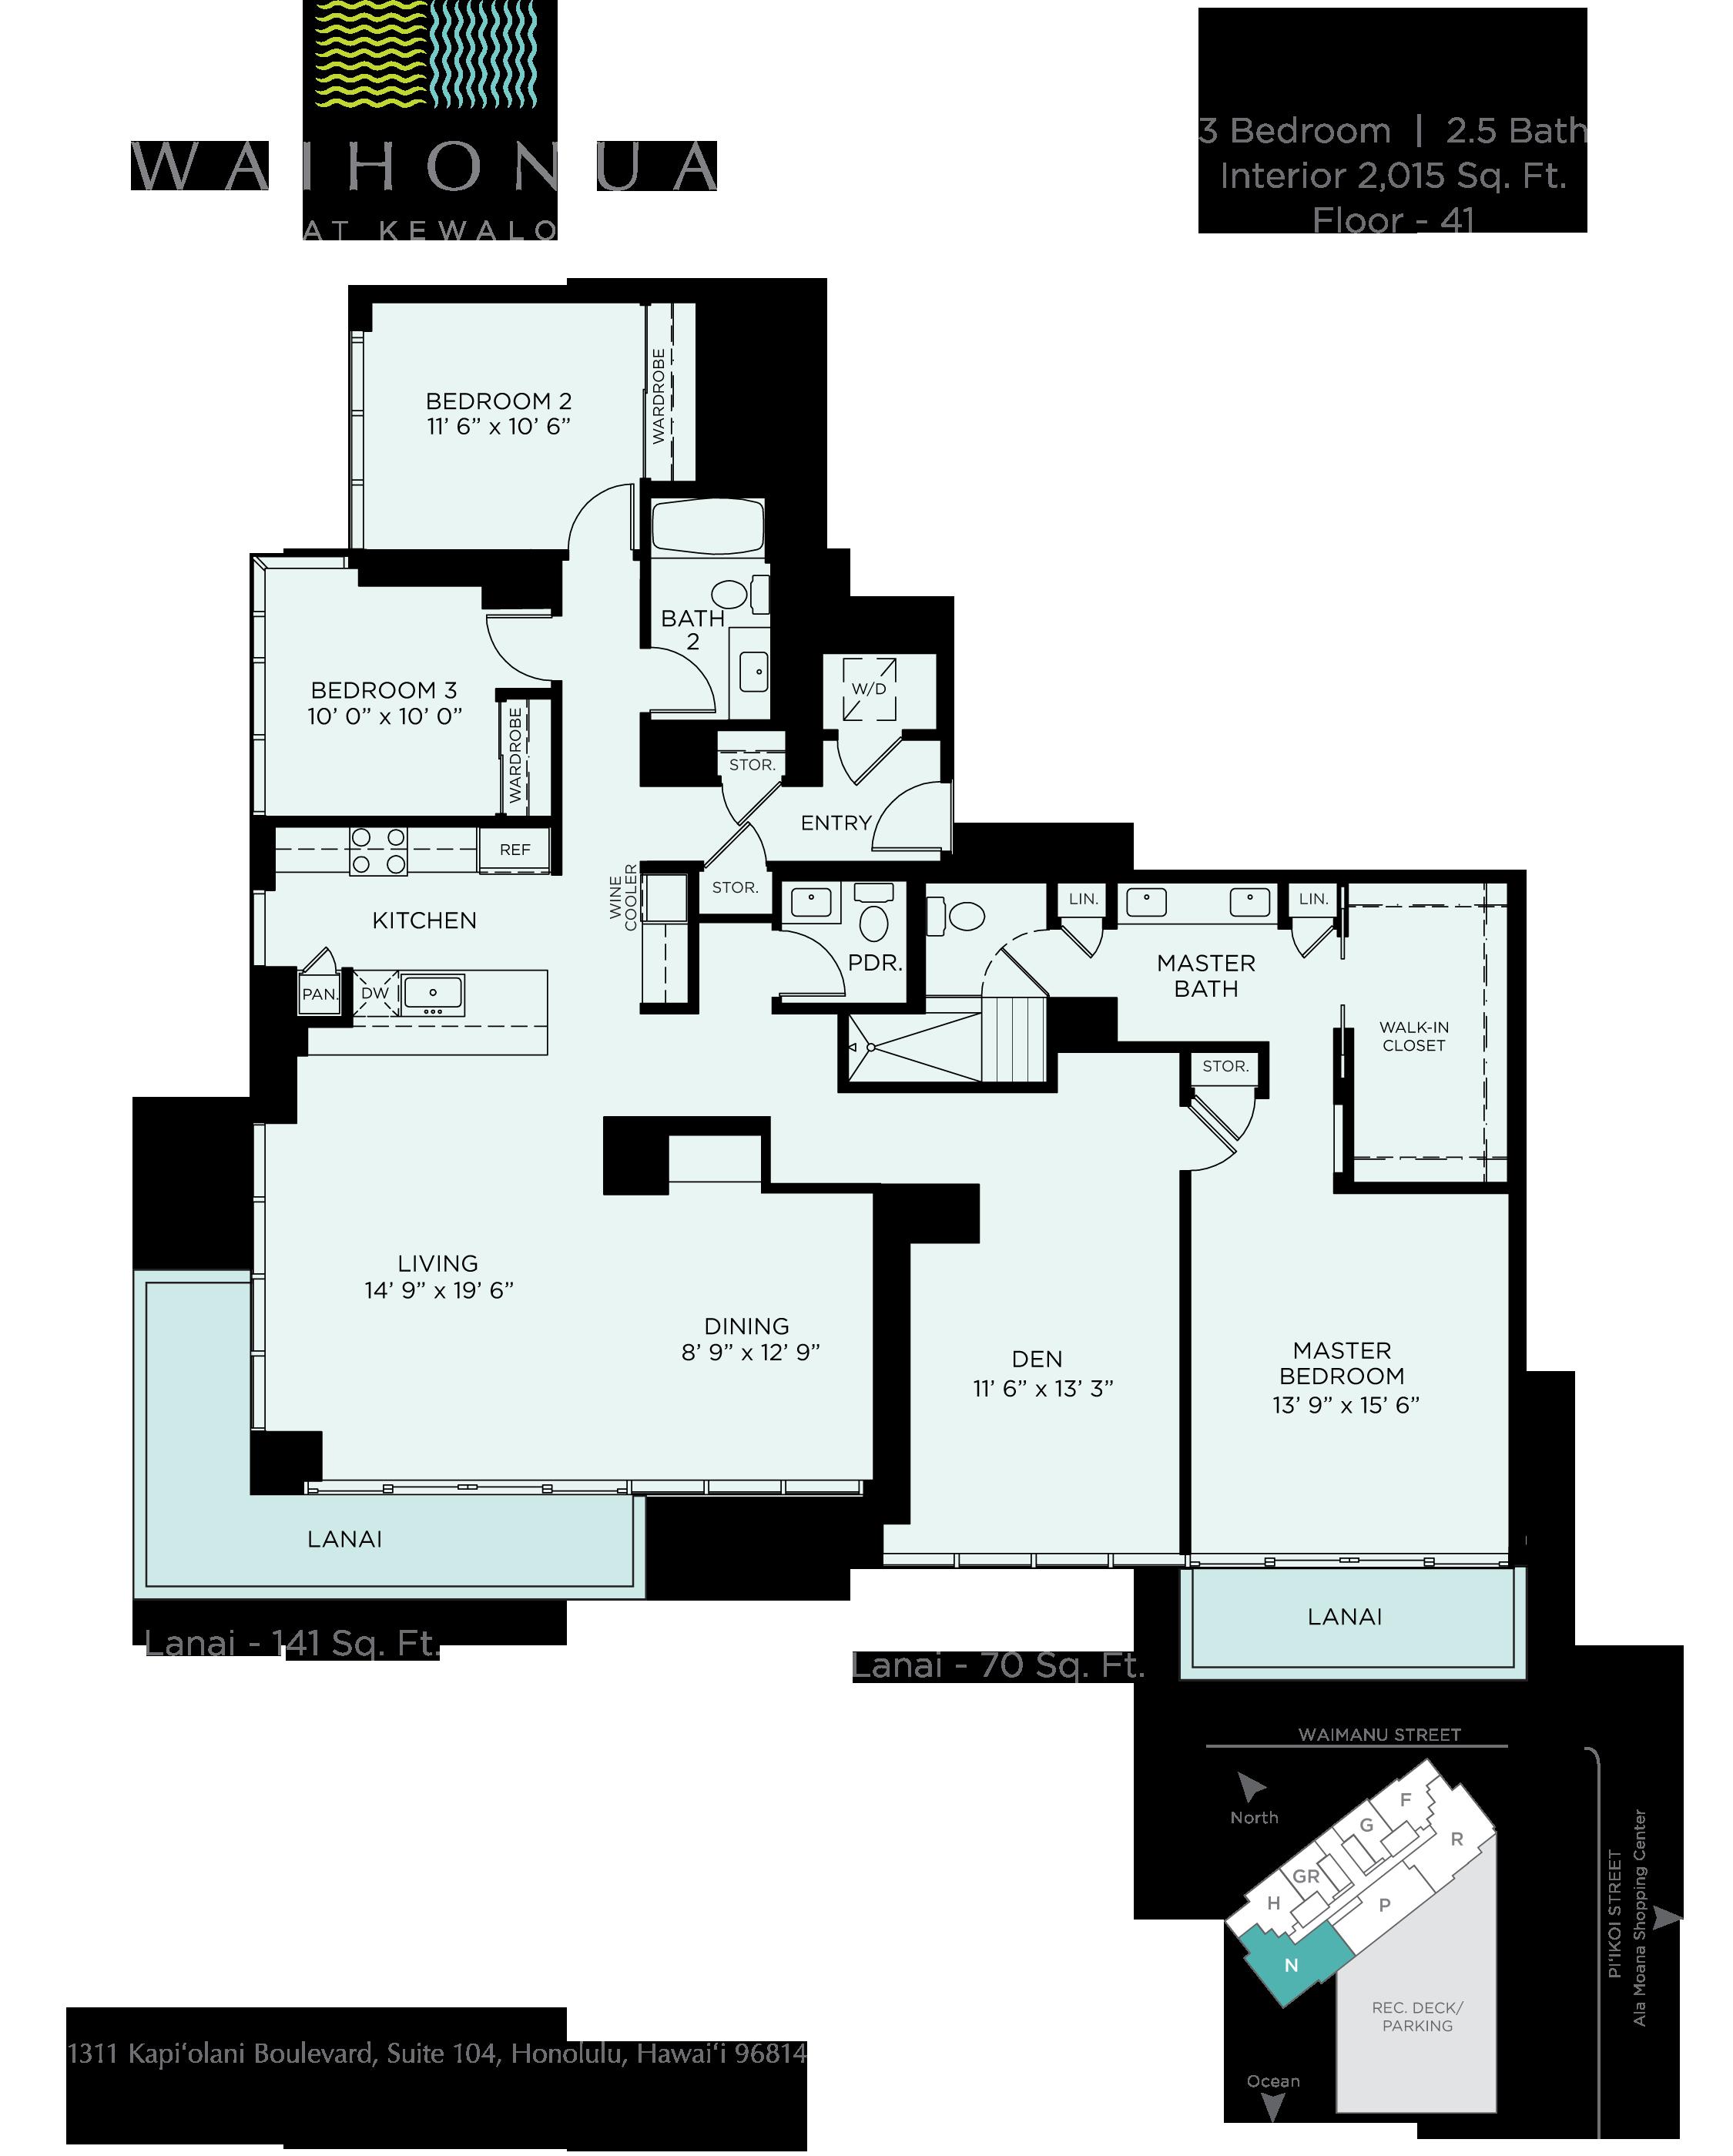 Waihonua Floor Plan - N1